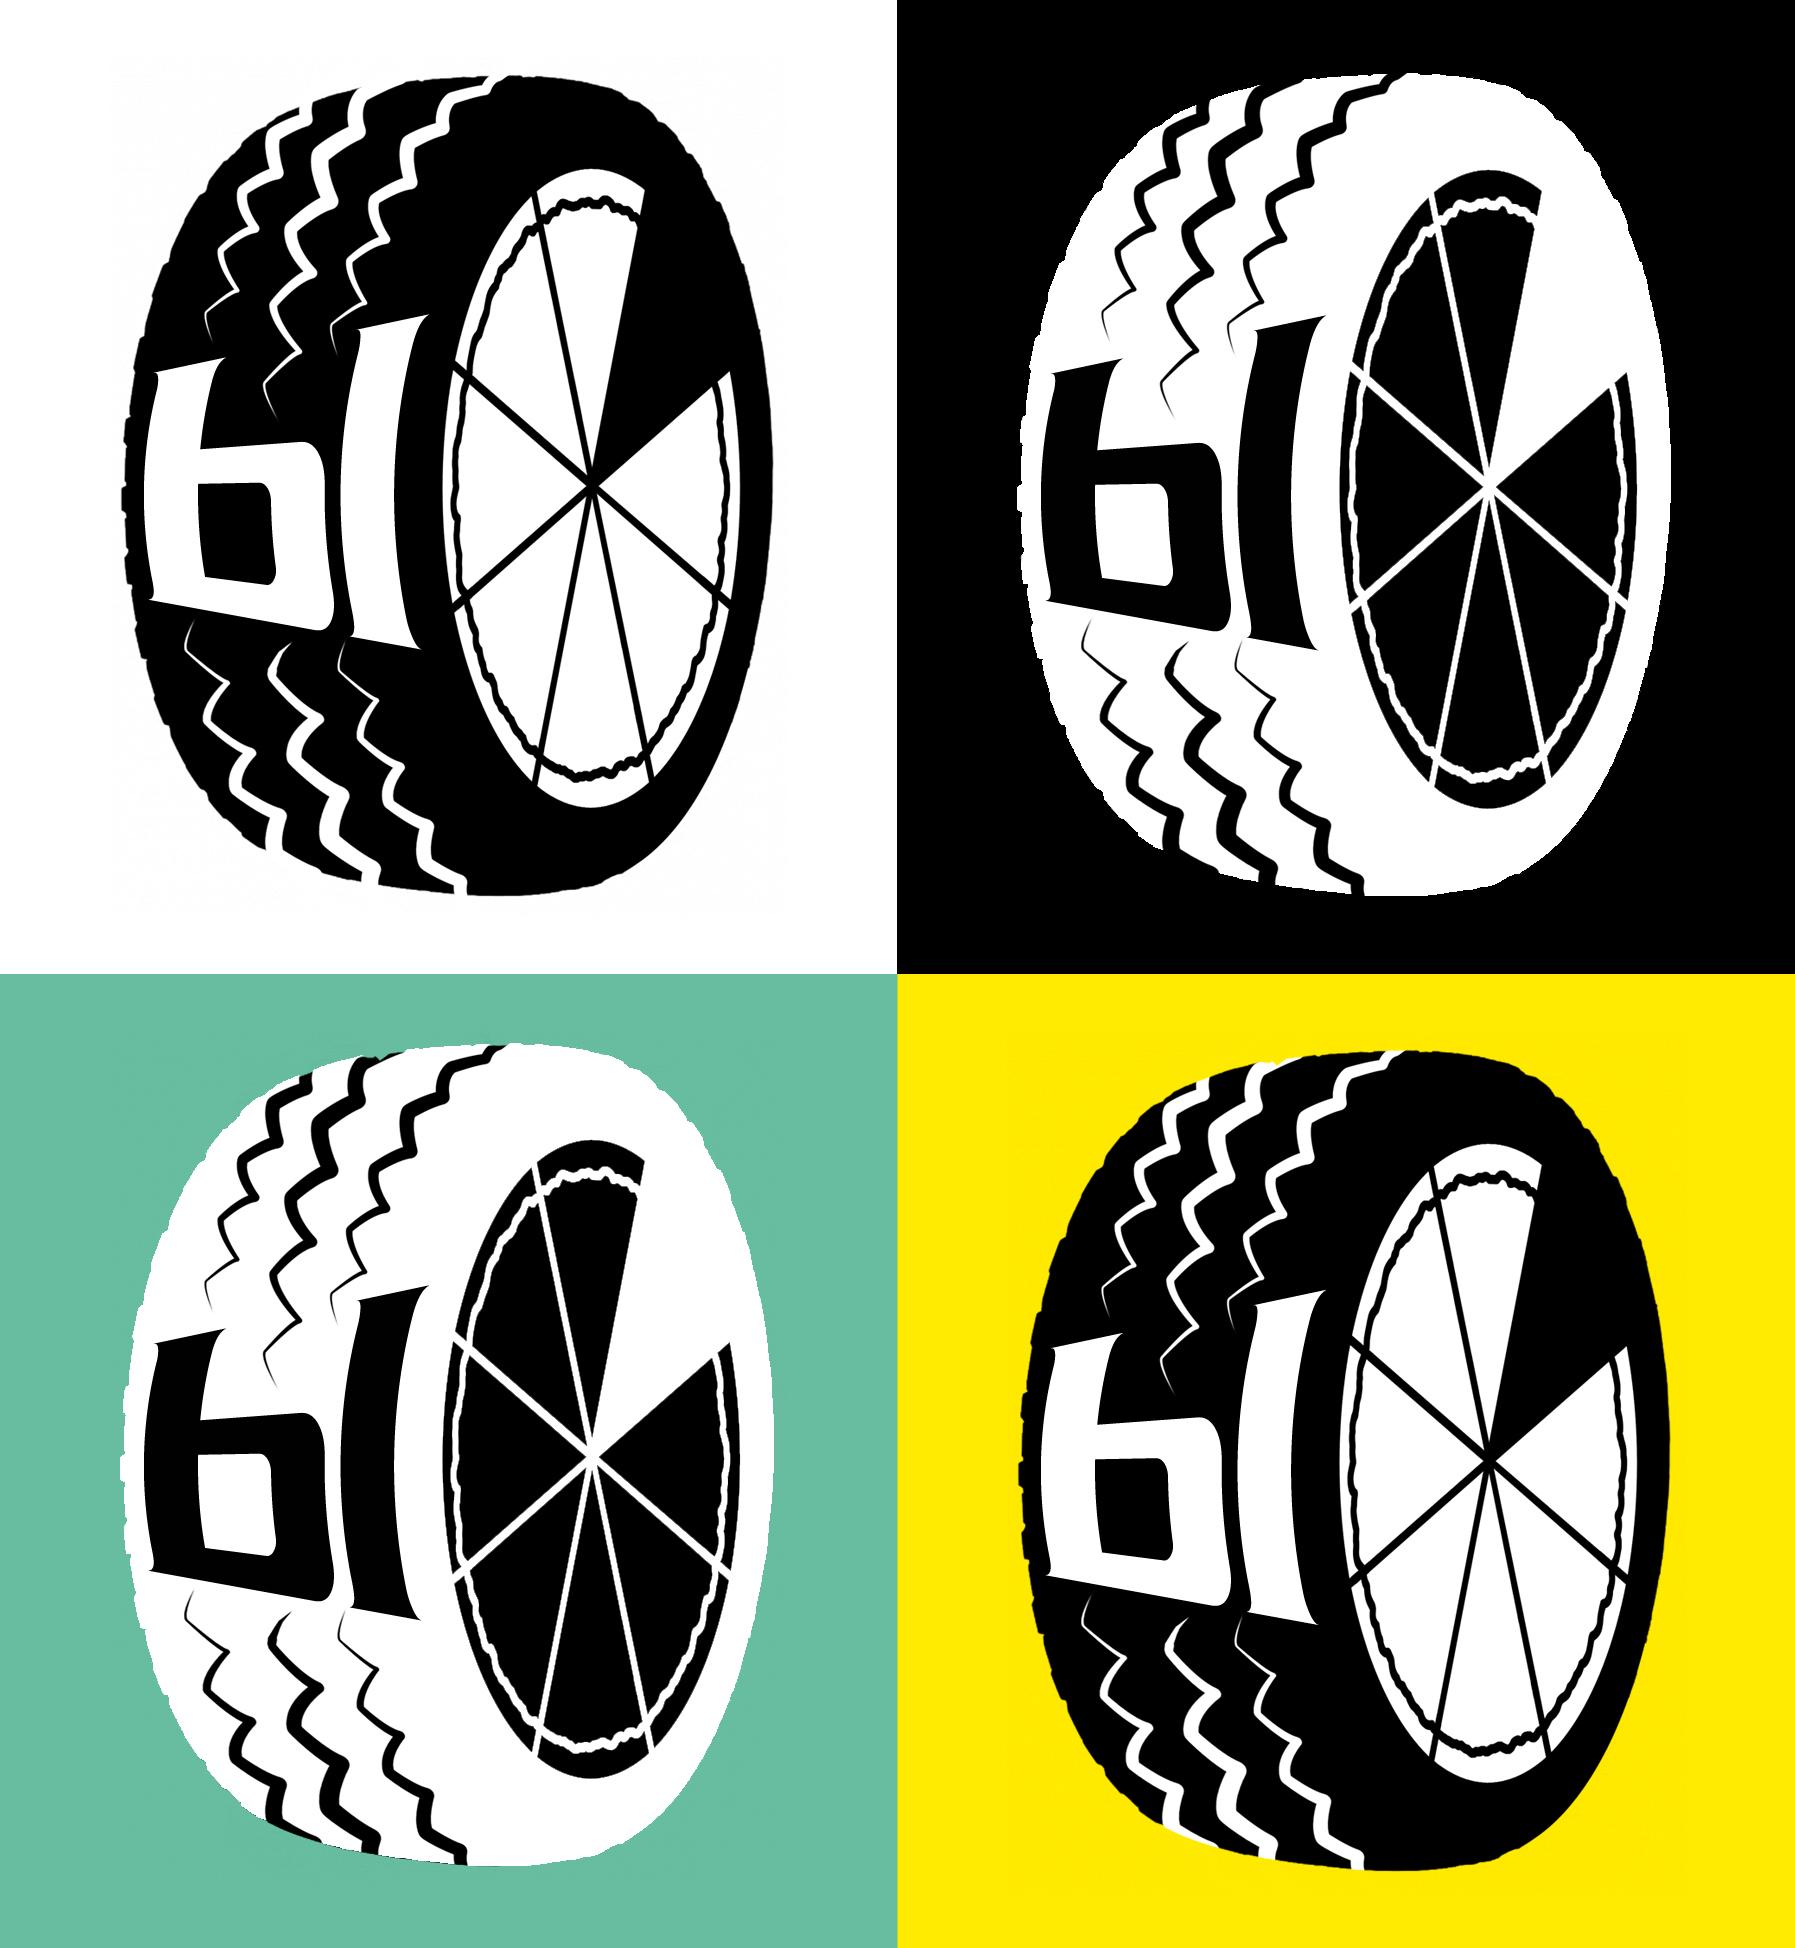 Разыскивается дизайнер для разработки лого службы доставки фото f_2775c34dbbbc4278.jpg